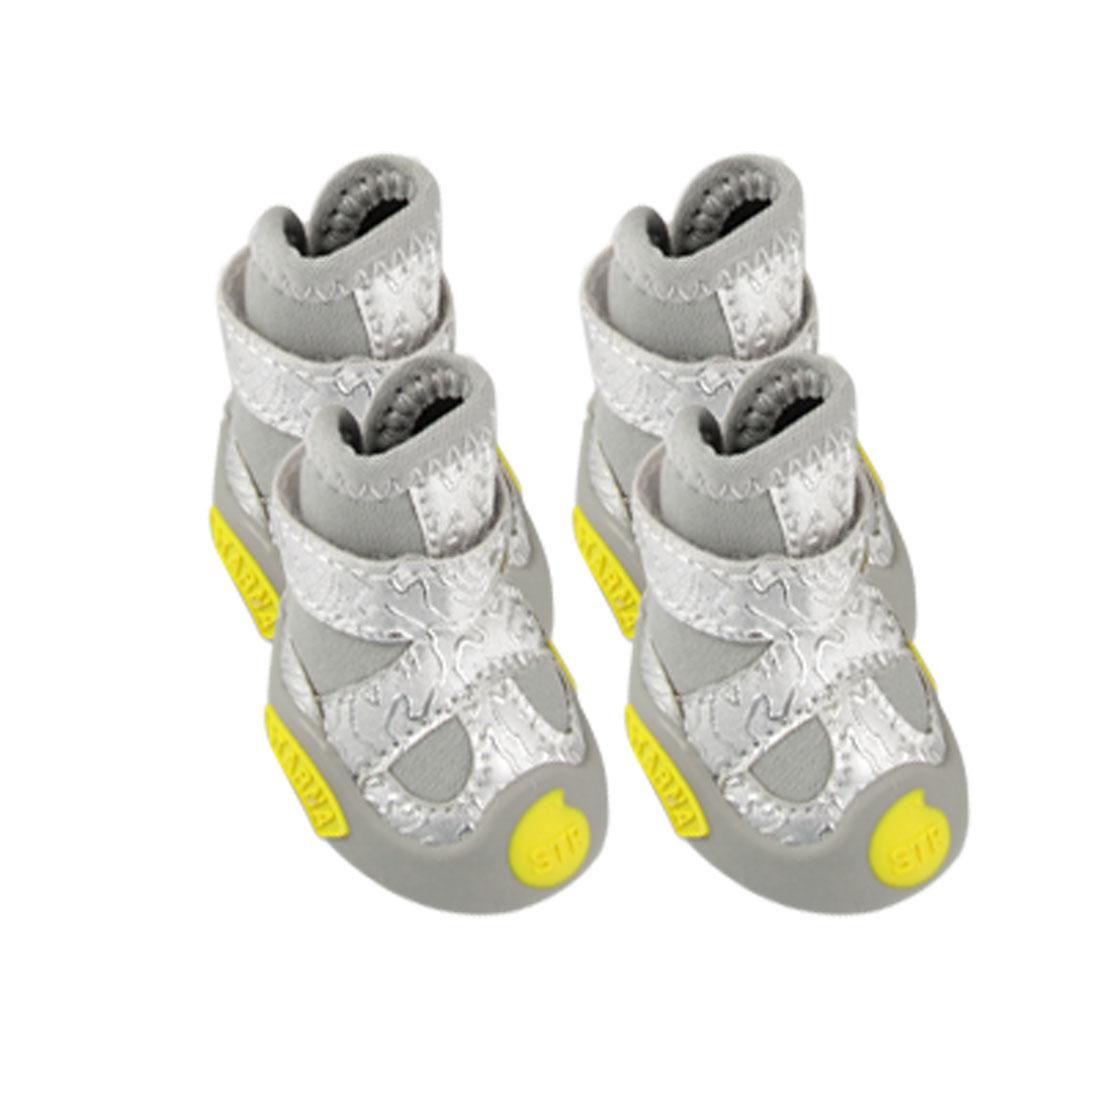 Pet 2 Pair Detachable Closed Warm Sponge Filled Gray Shoes Size 4